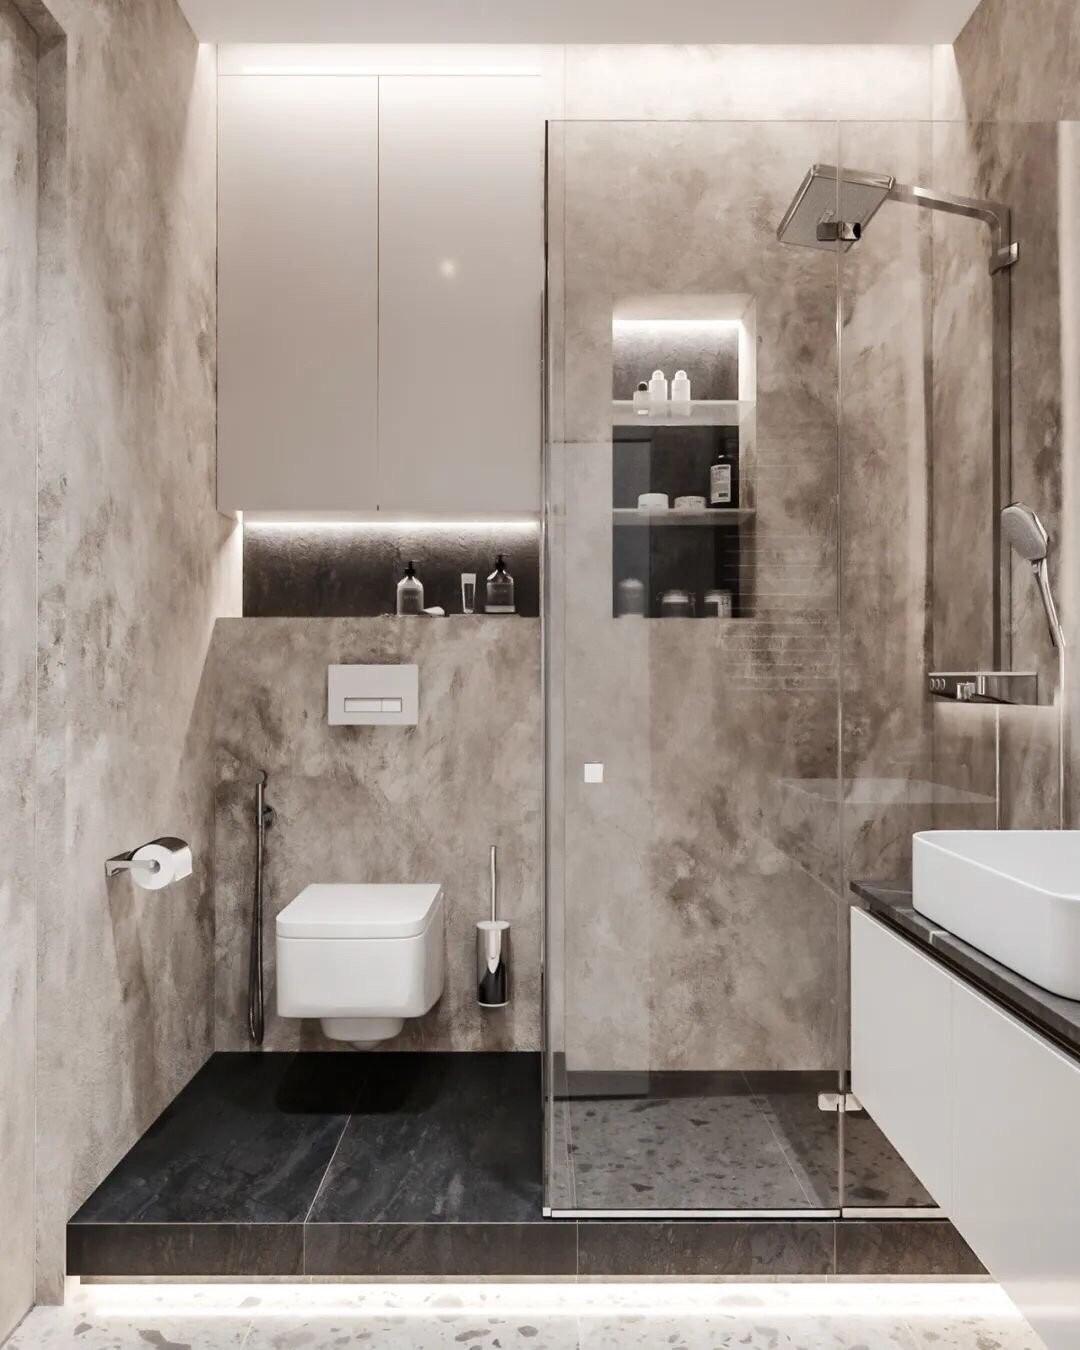 2021经典卫生间装修图片 2021经典地板砖装修设计